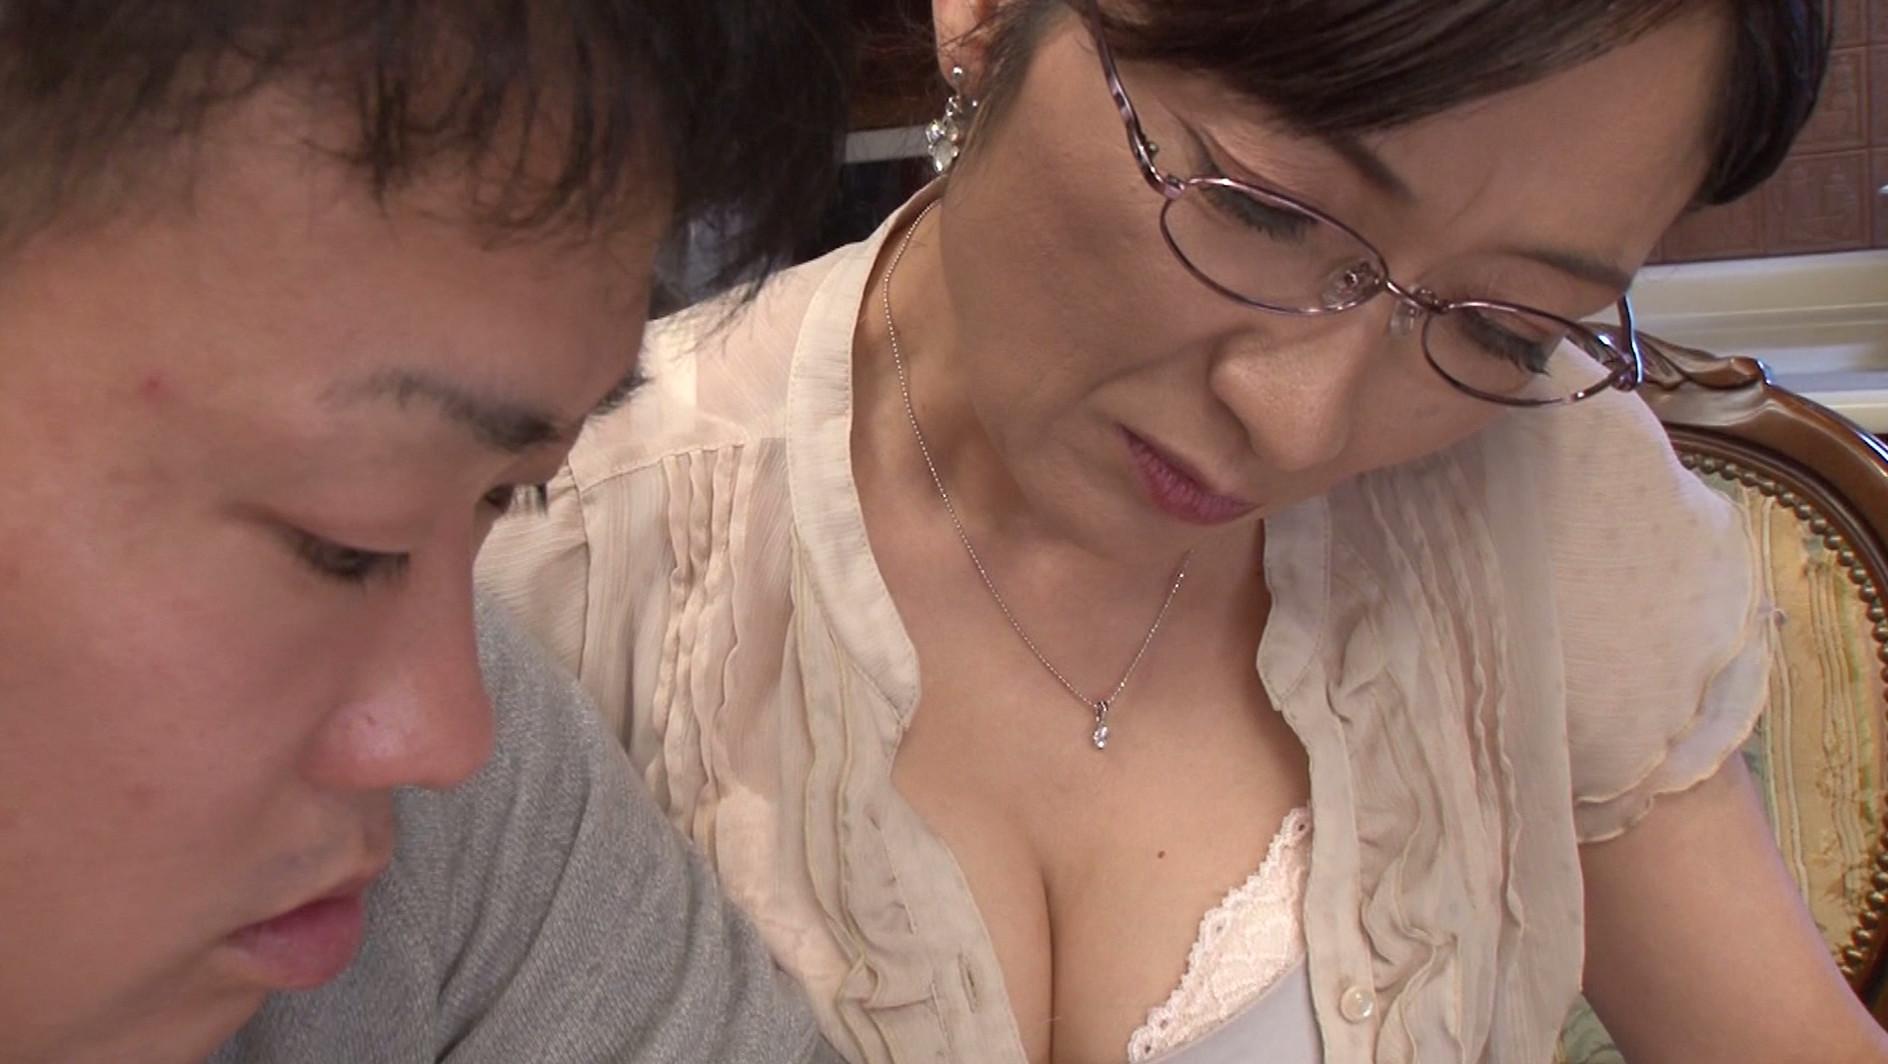 おばさん家庭教師が息子さんの童貞を卒業させてあげます